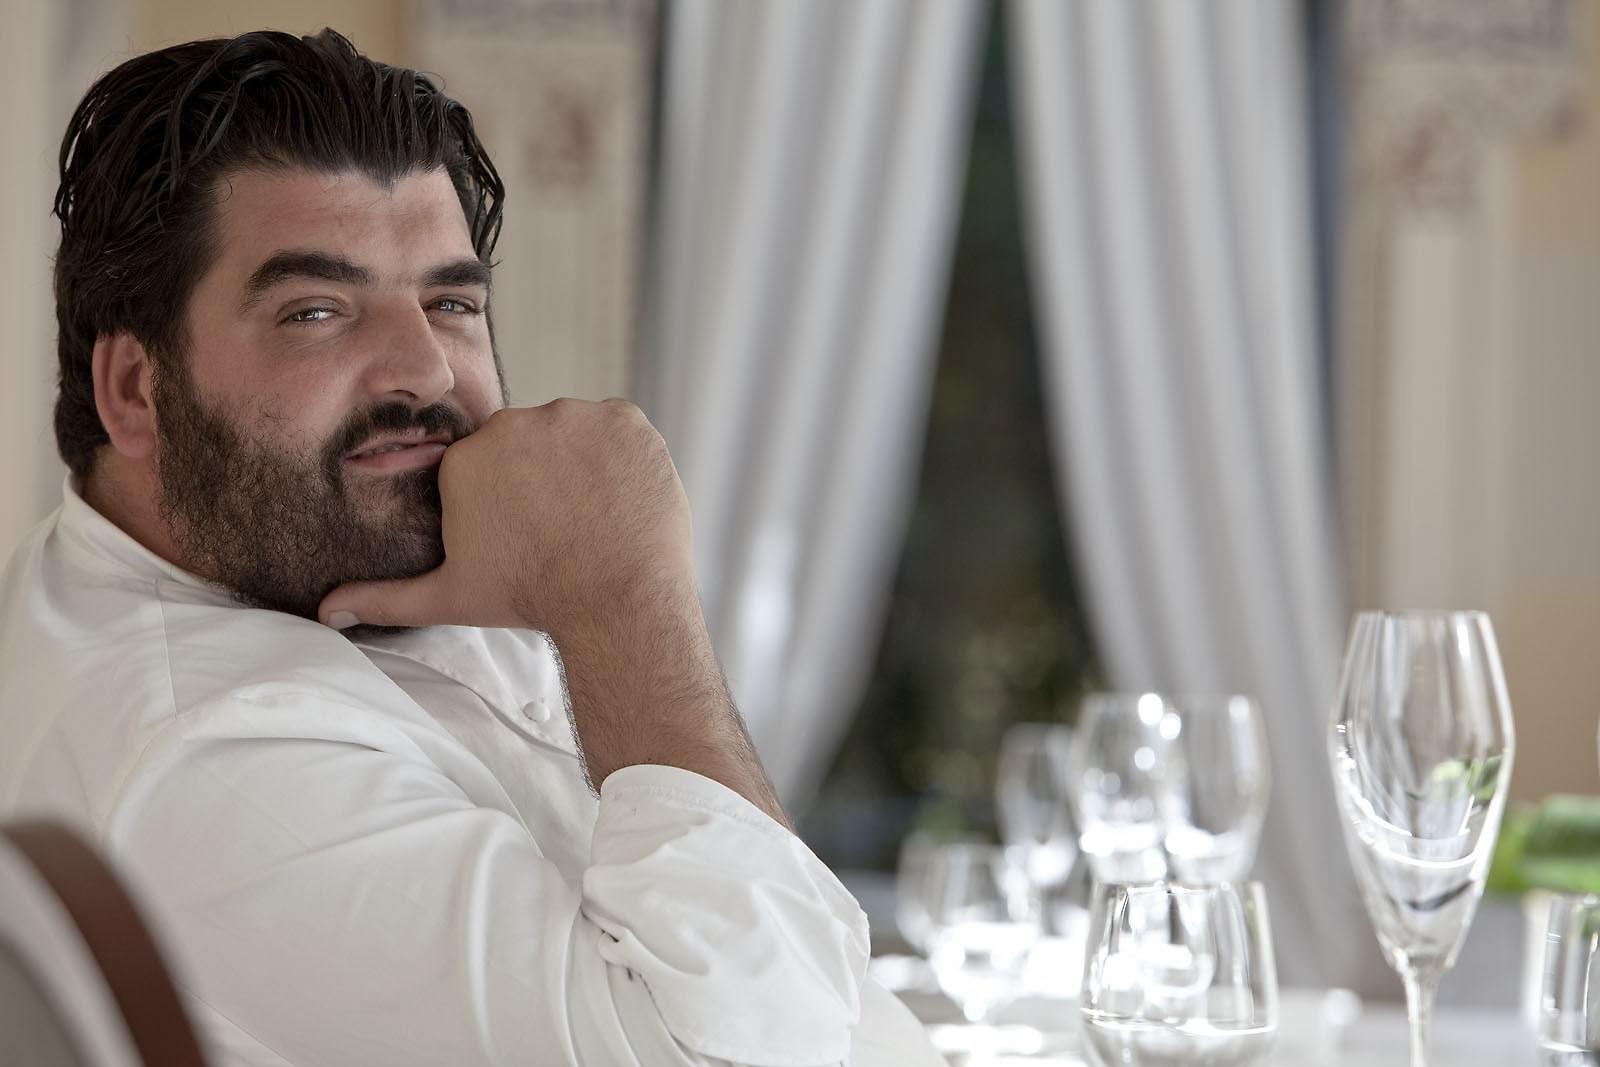 Il concorso dello chef Cannavacciuolo per aiutare i bimbi disabili: ecco i regali in palio